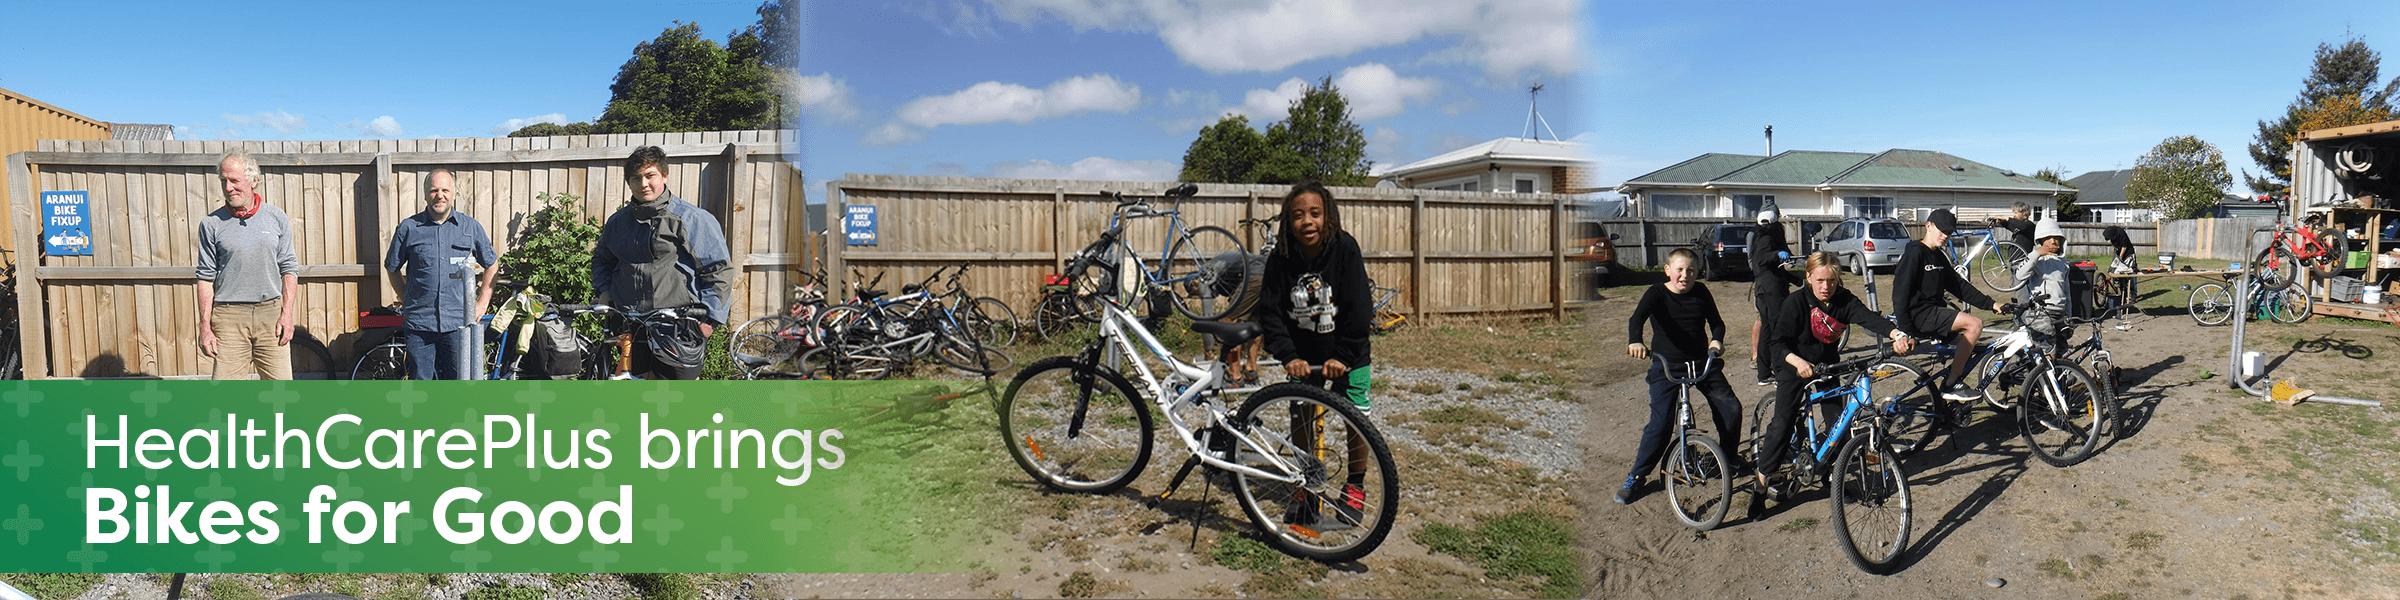 Bikes for good